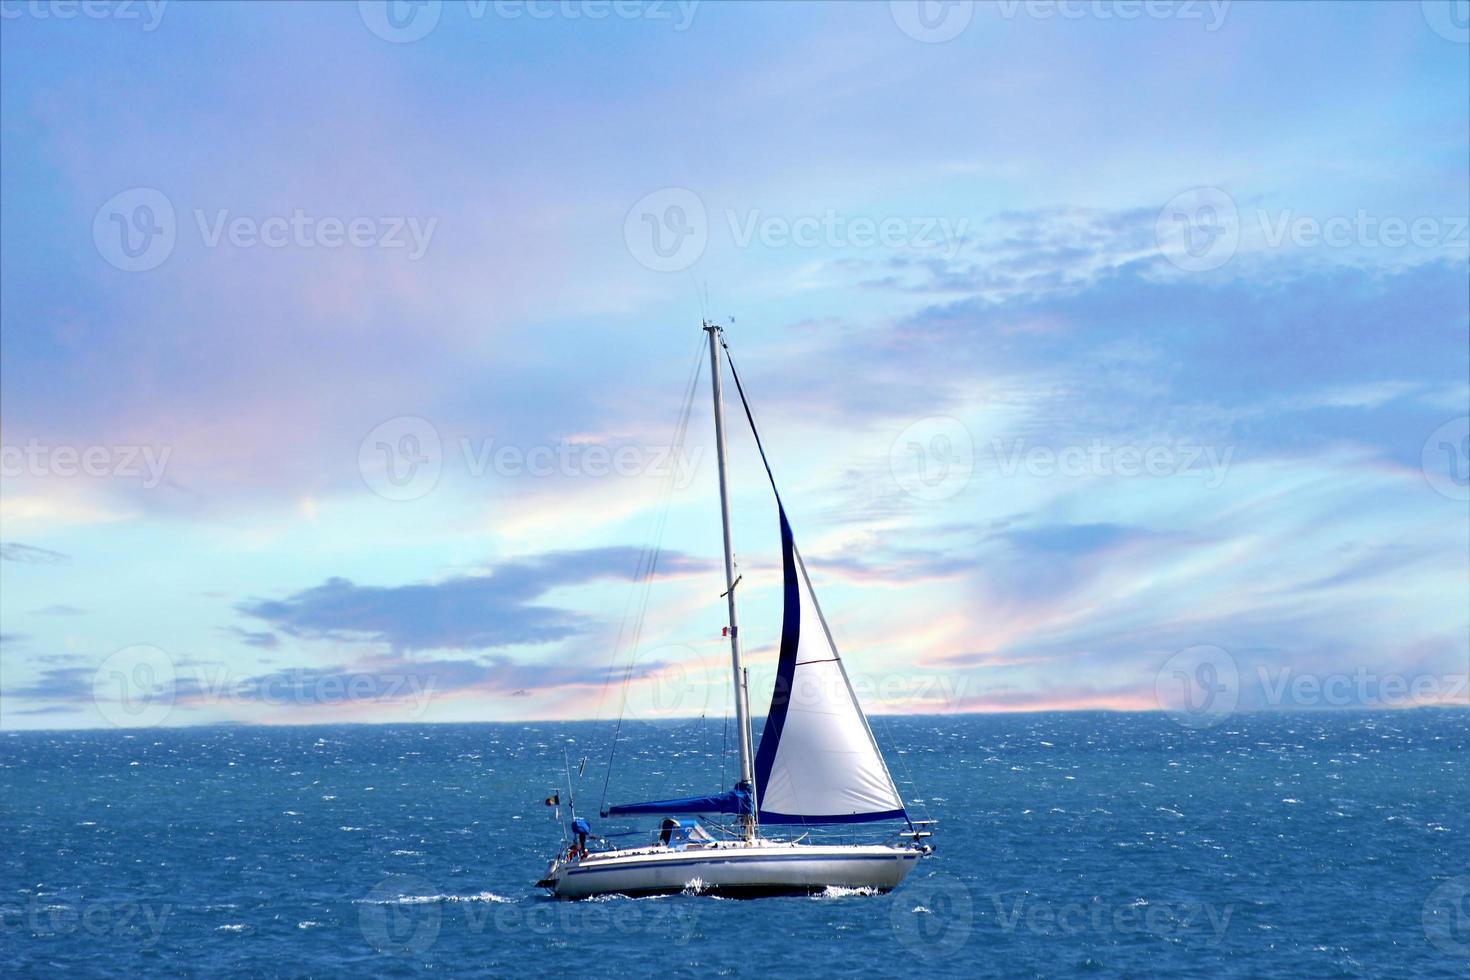 barco de vela foto